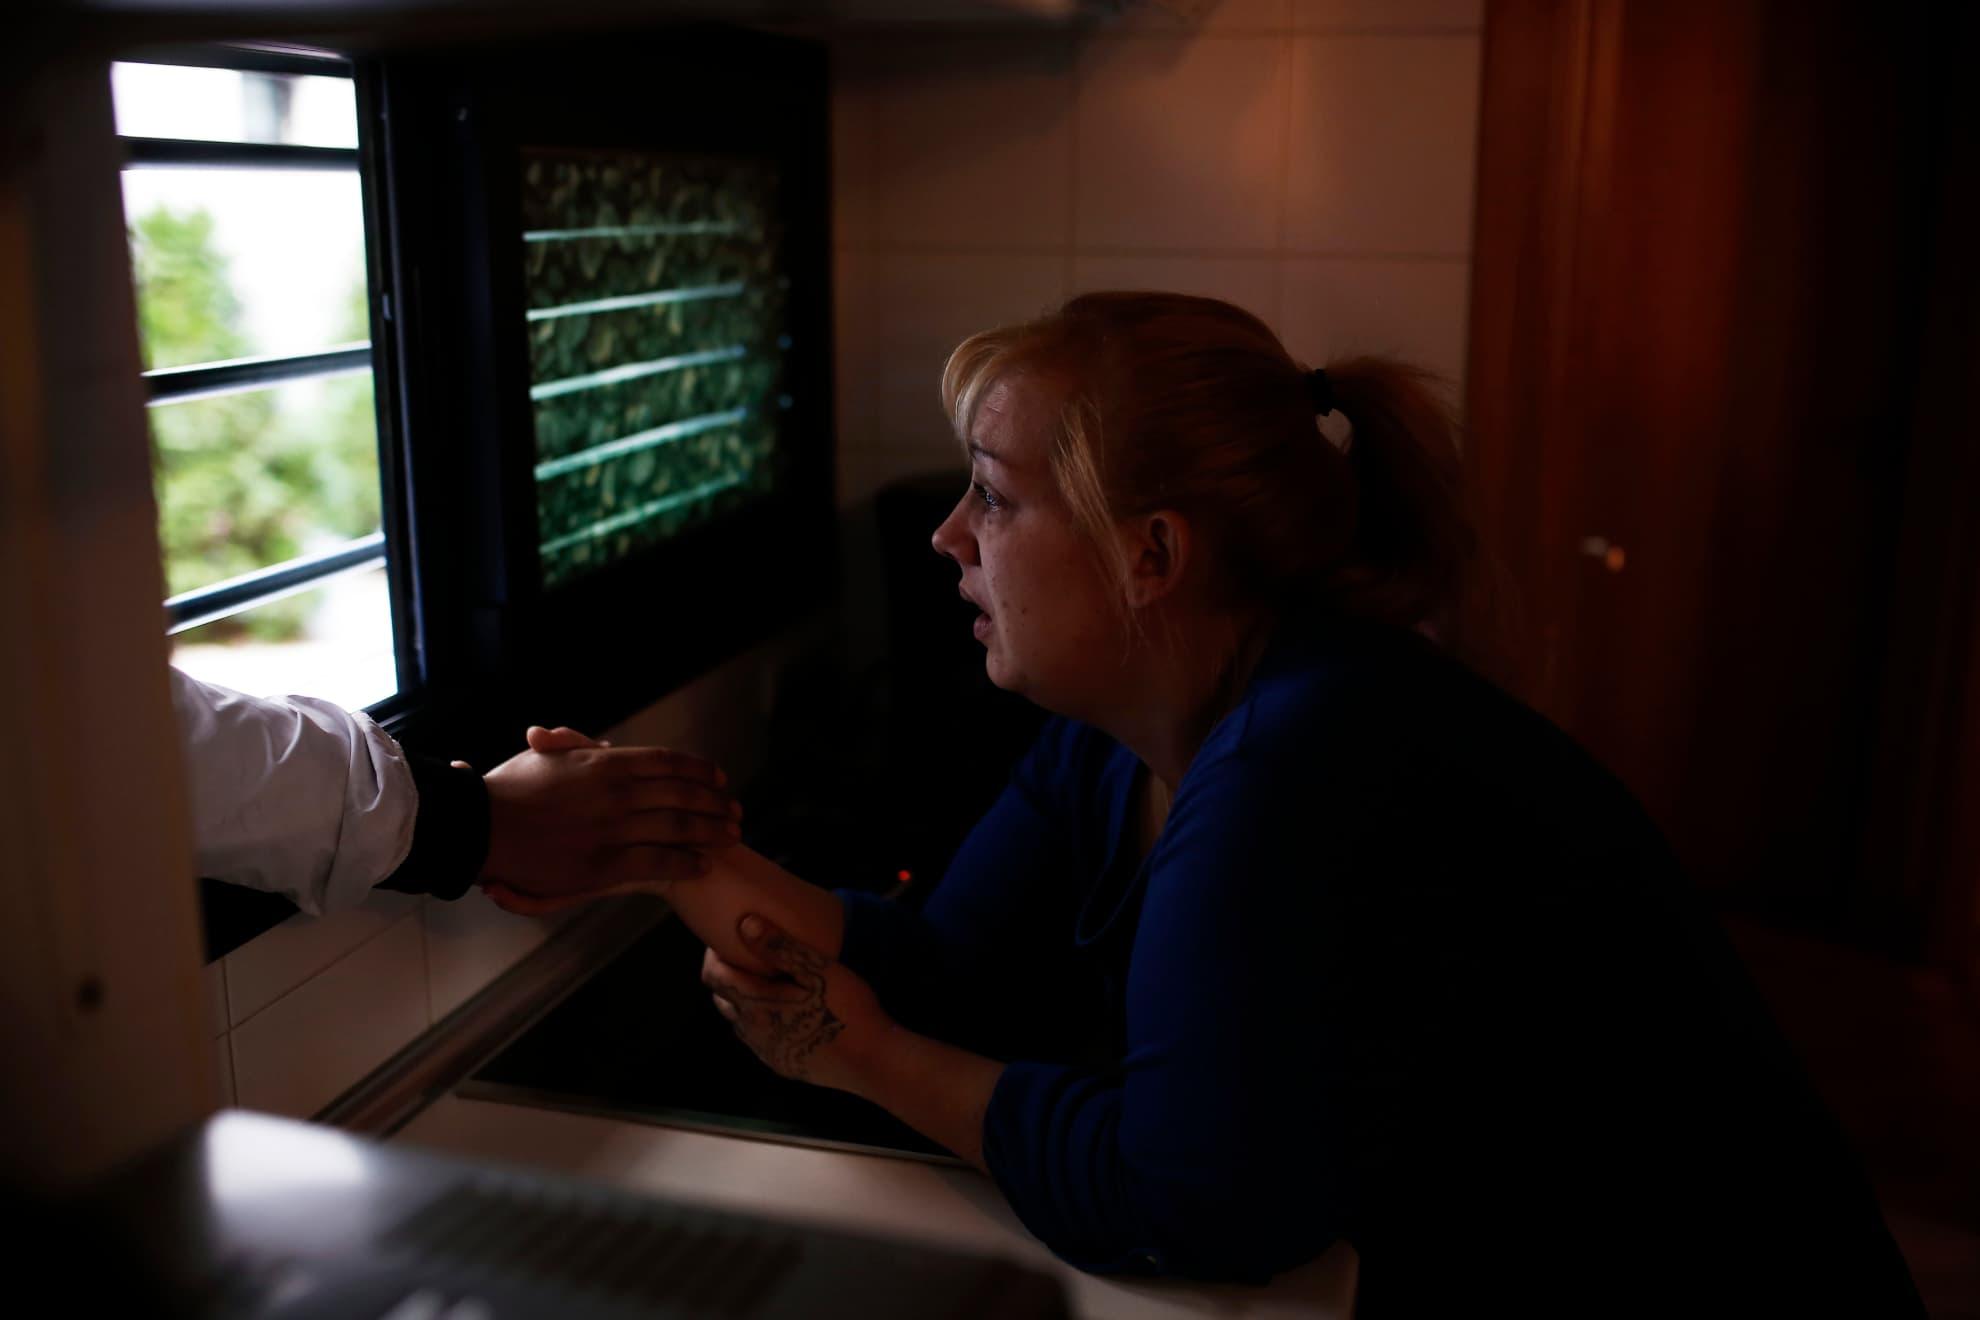 Verónica Ariza llora mientras sujeta la mano de su marido y se encierra en su apartamento durante su desahucio en Madrid, el lunes 25 de noviembre de 2013. Hace 15 meses que dejaron de pagar a Bankia la renta del piso, cuando él se quedó sin trabajo, y ahora deben 12.000 euros.